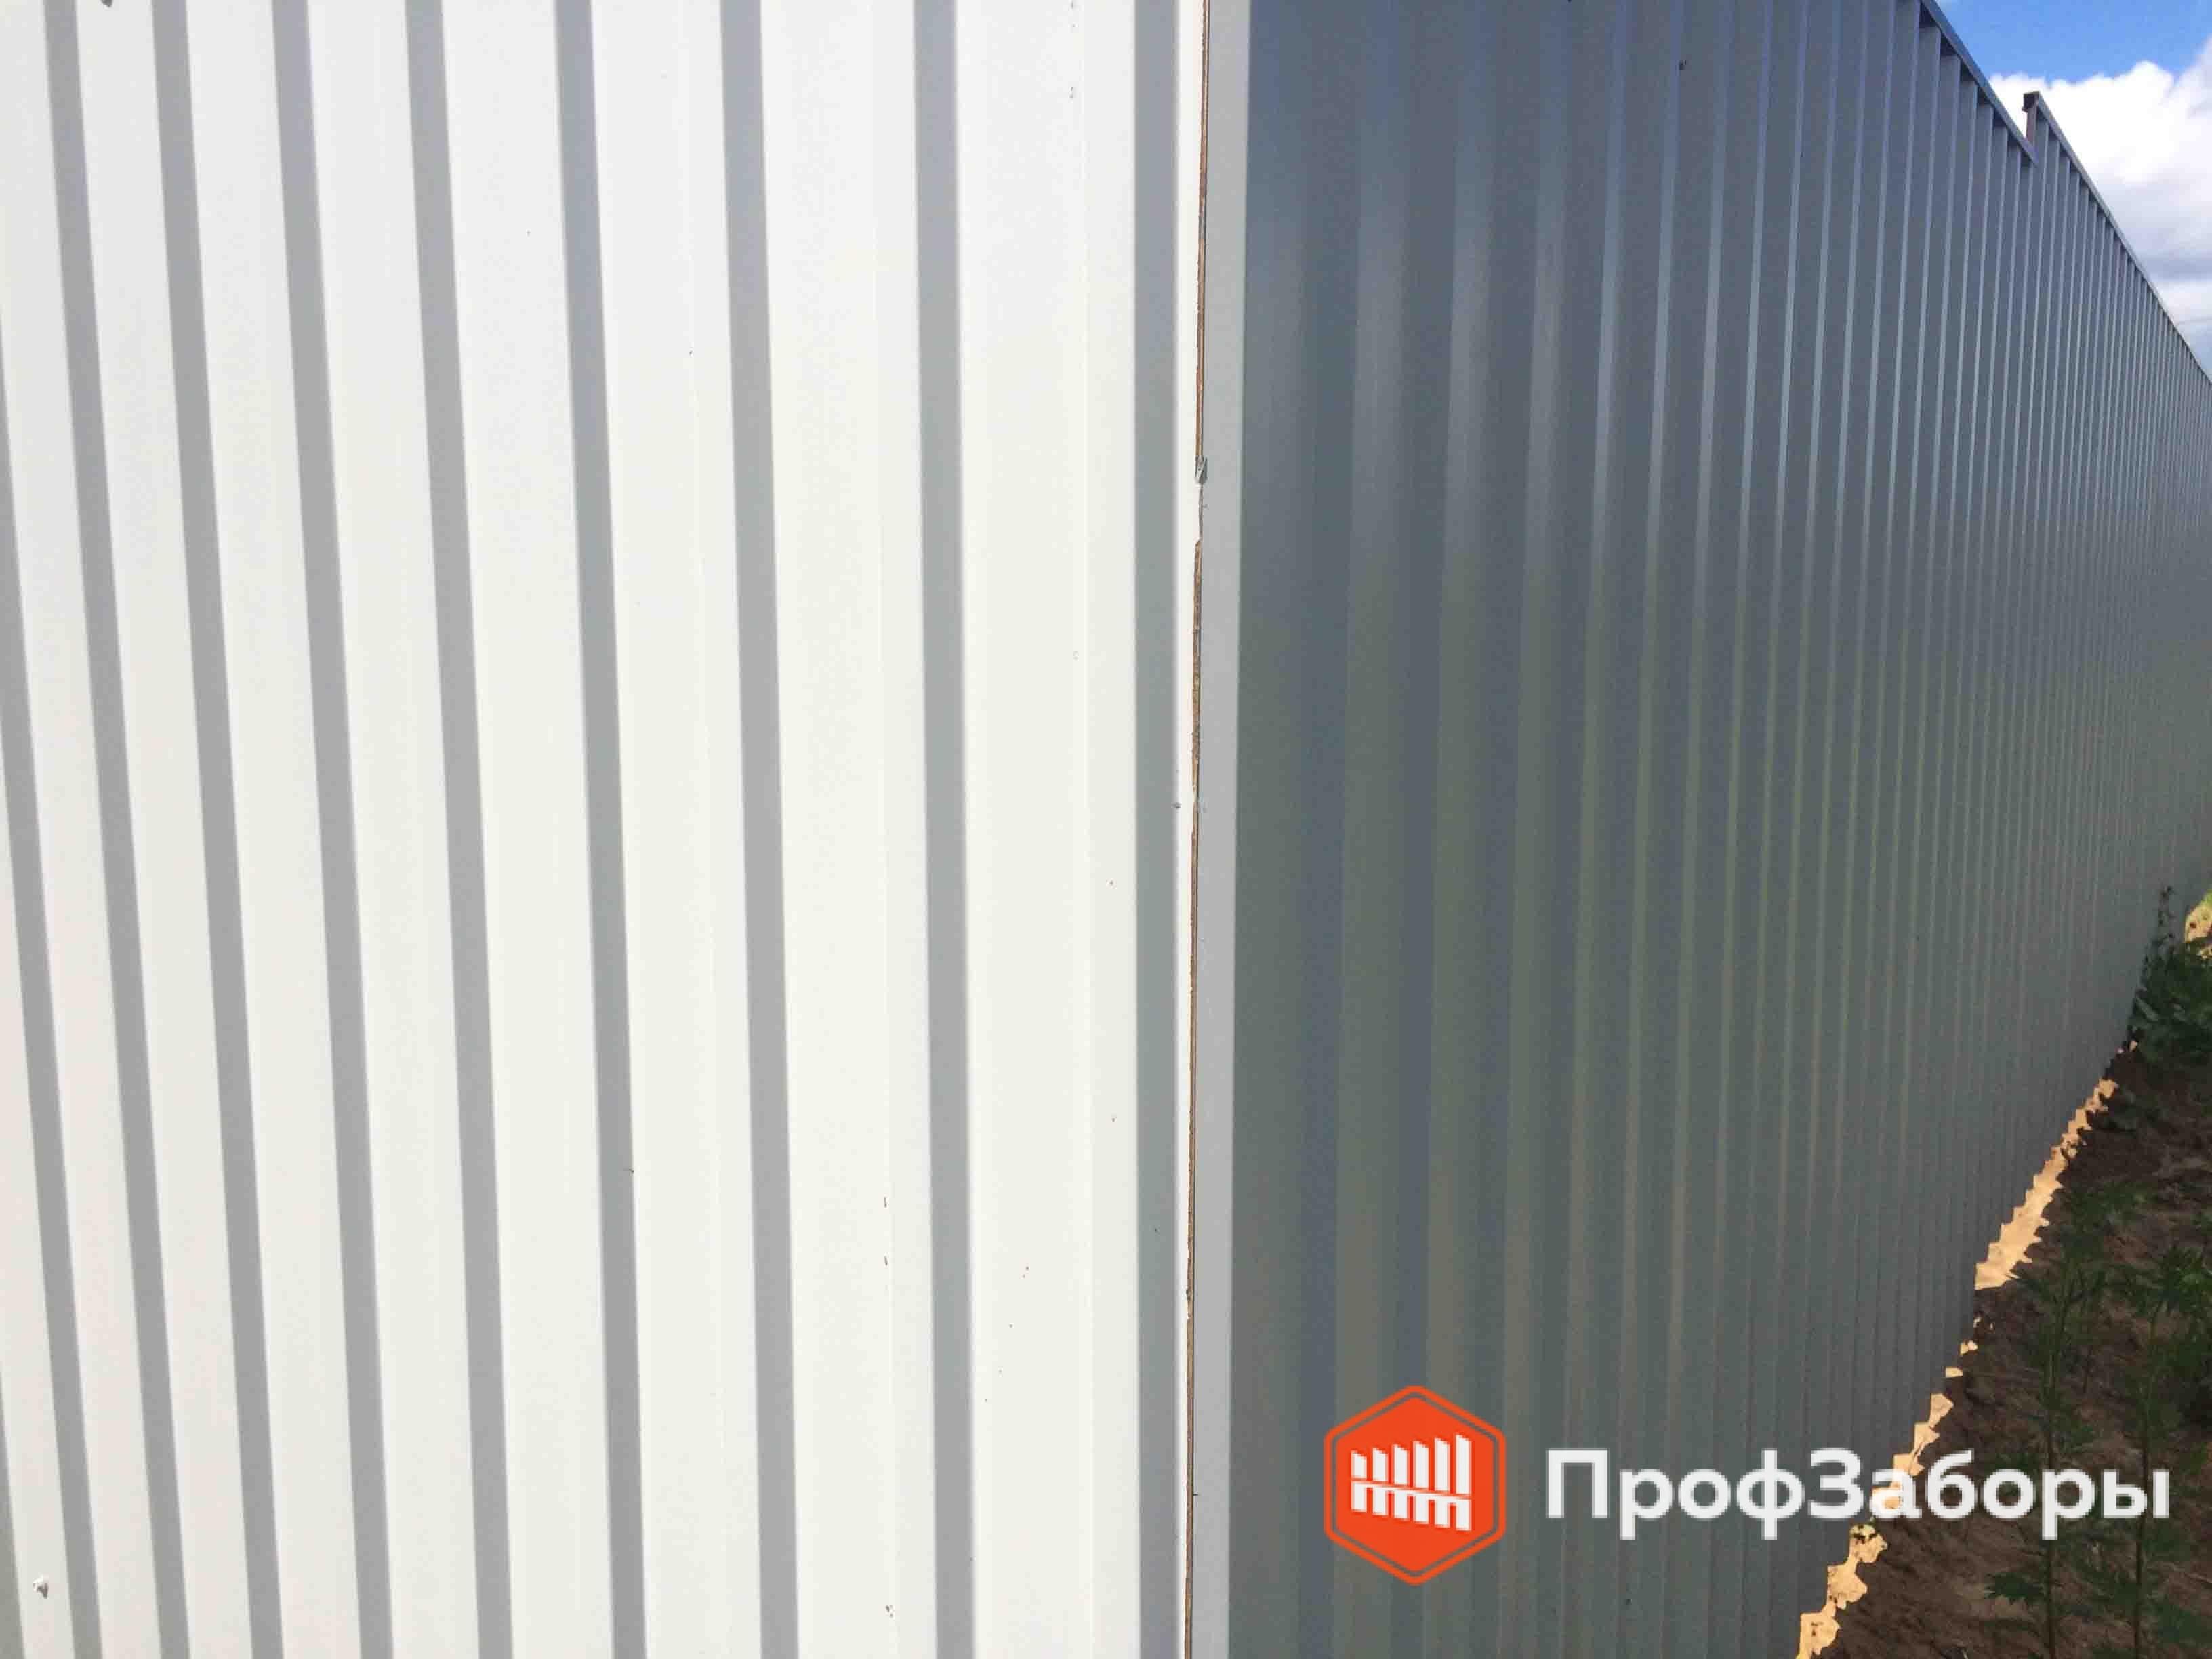 Заборы Из профнастила  - Раменский район. Фото 2